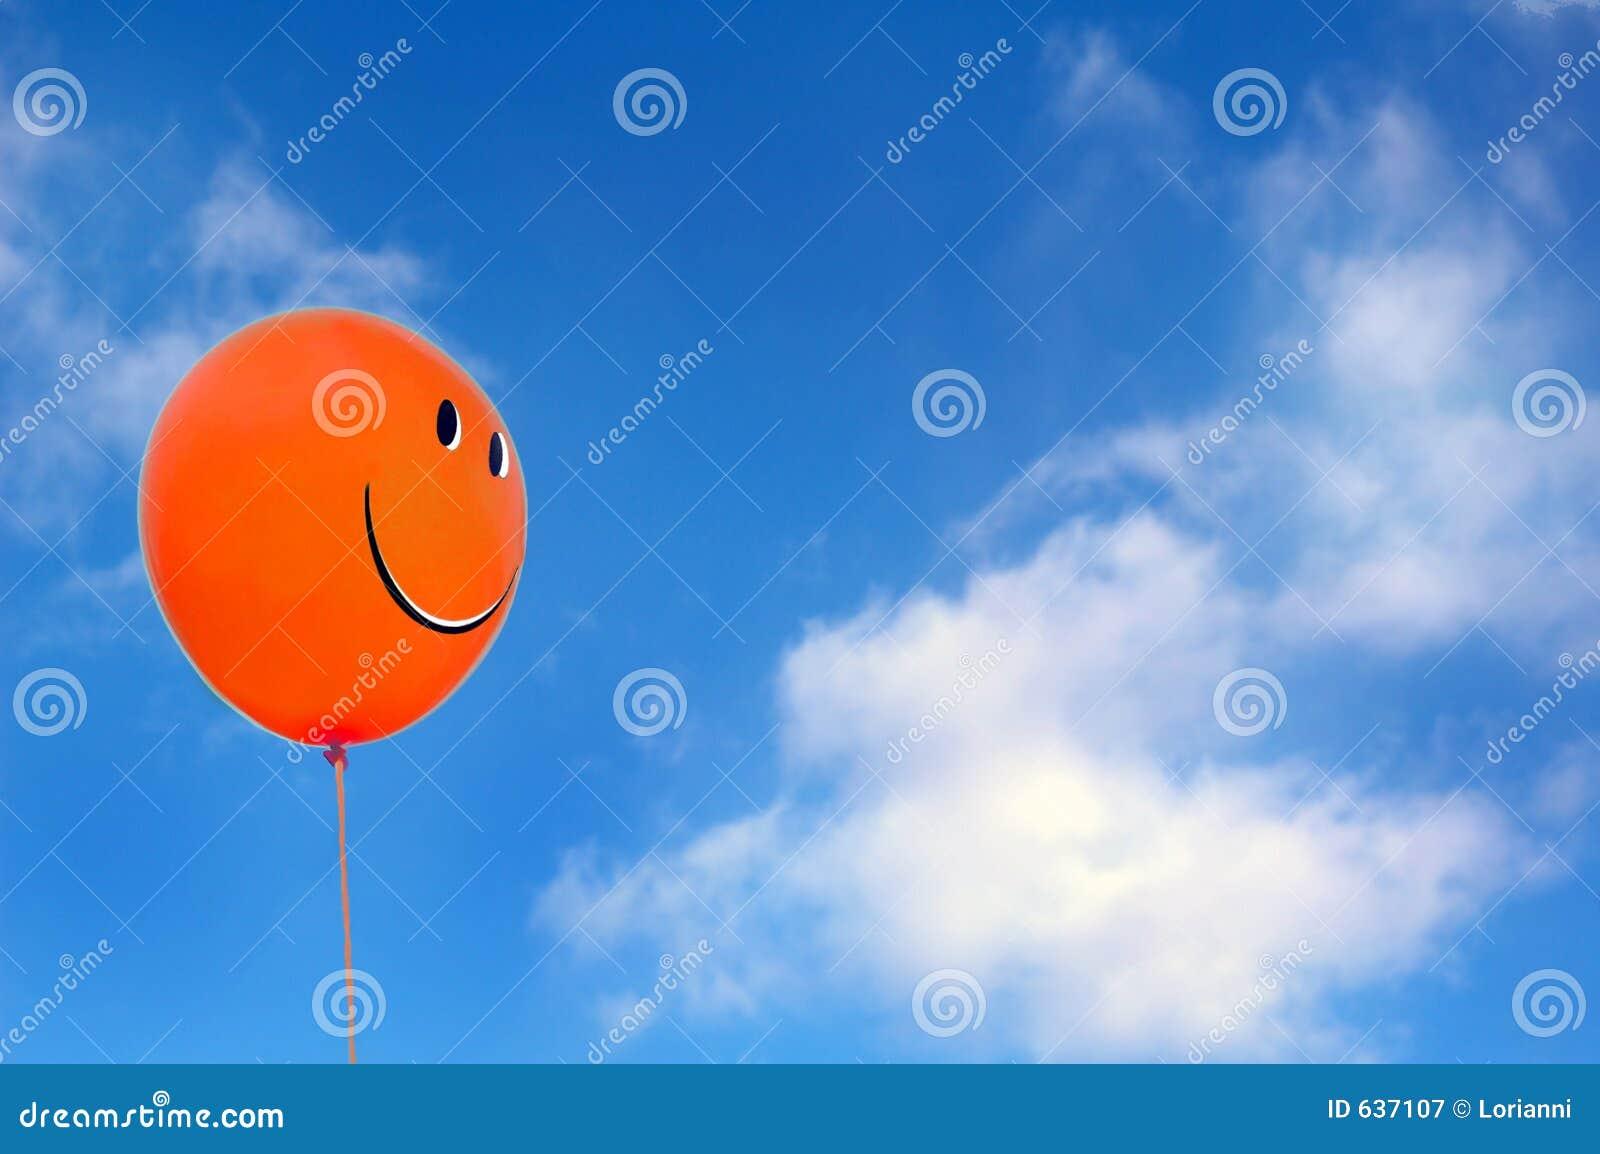 Roter glücklicher Gesichtsballon mit blauer Himmel athe Hintergrund